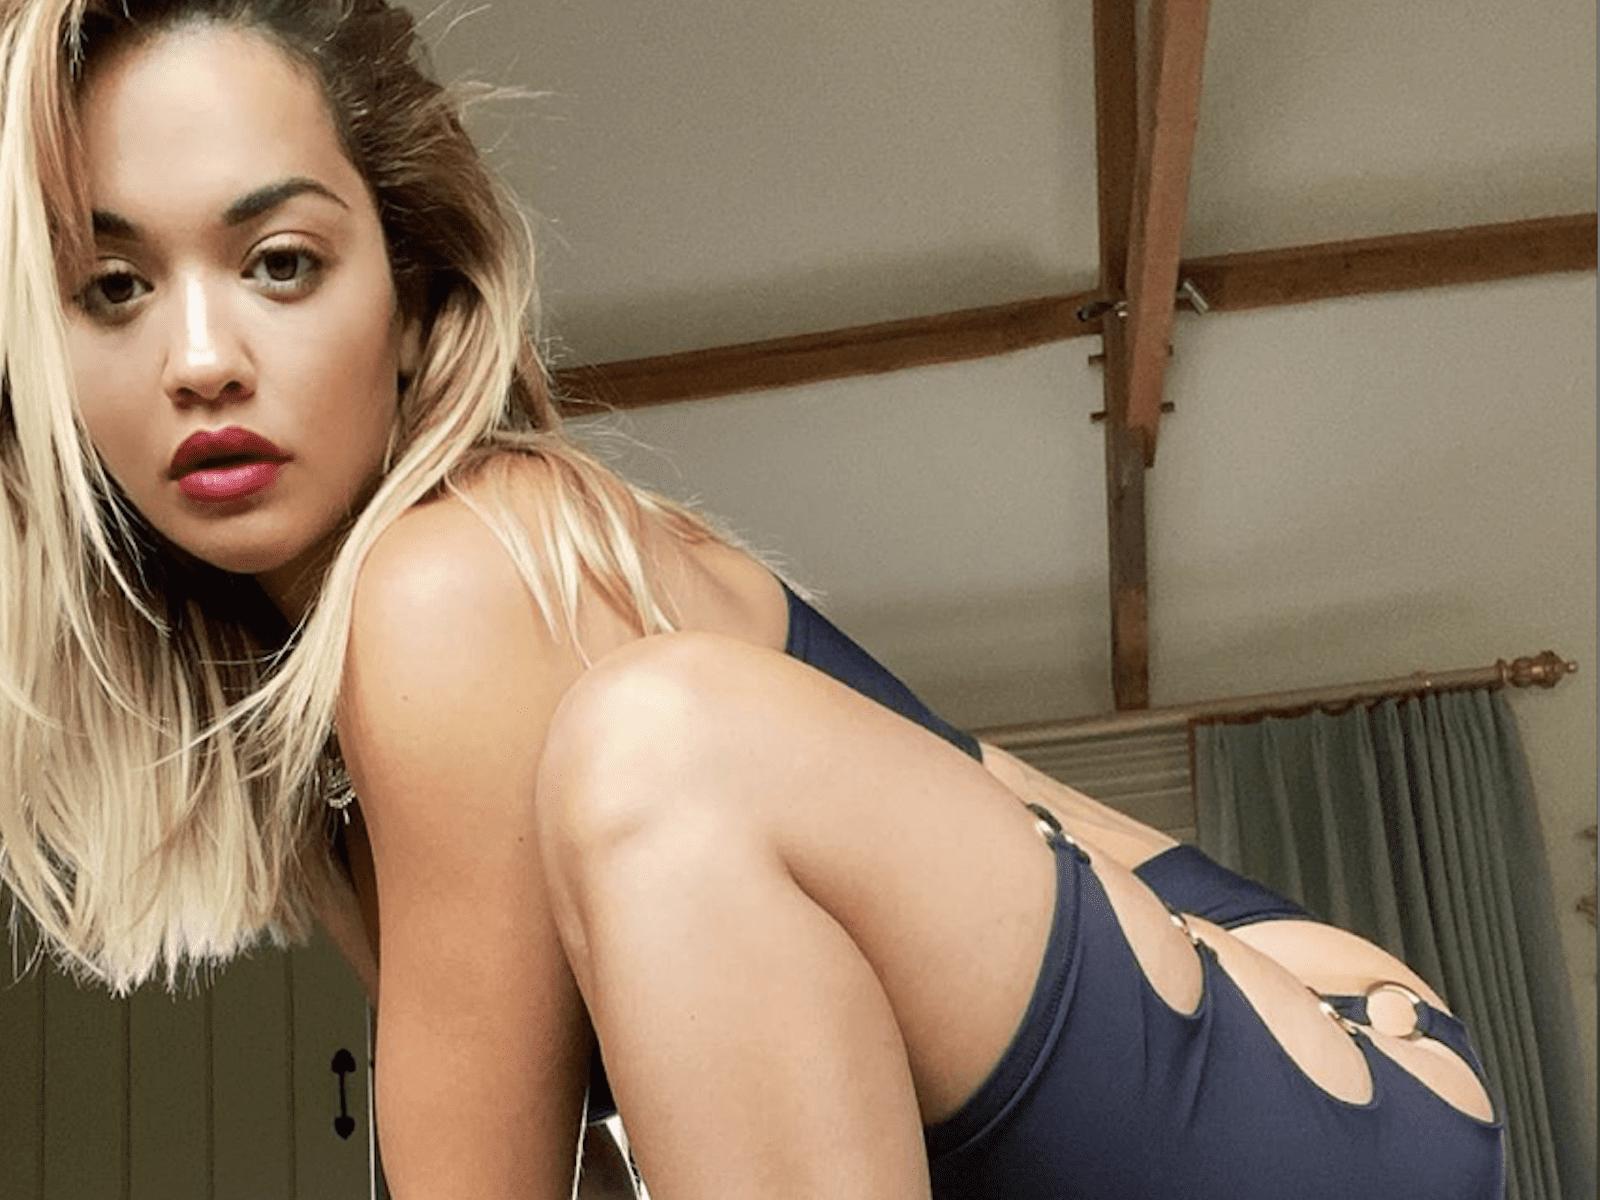 Rita Ora Workout Selfie Pics Moments 4